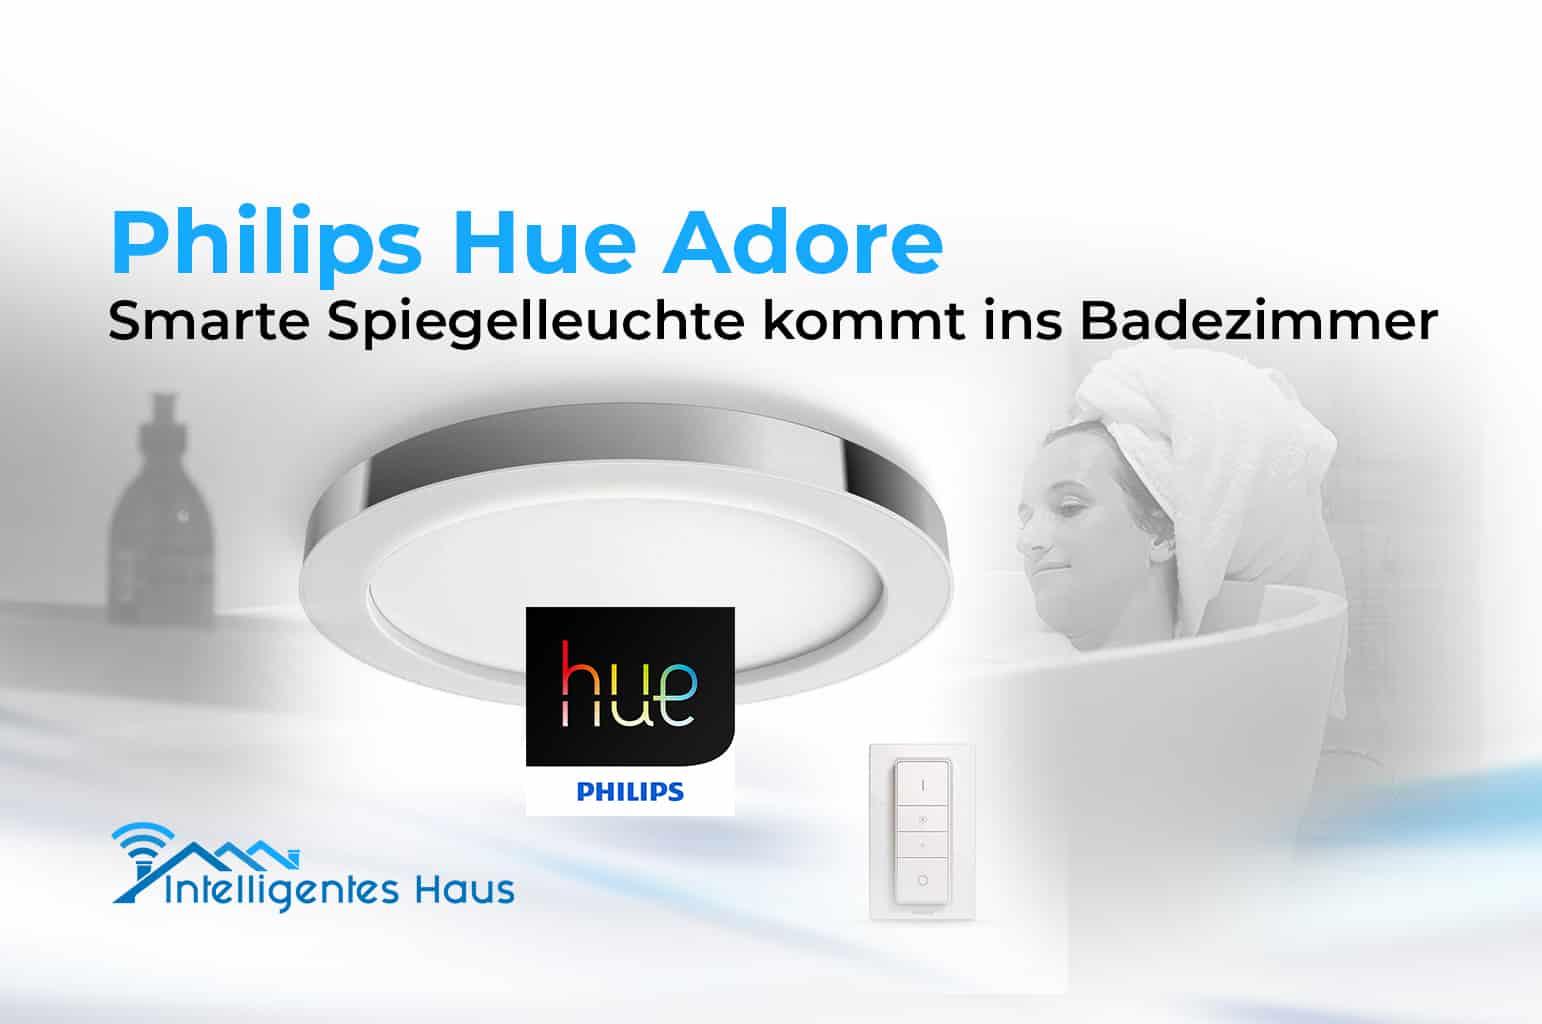 Neuer smarter badezimmerspiegel philips hue adore erste details bekannt - Philips hue badezimmer ...